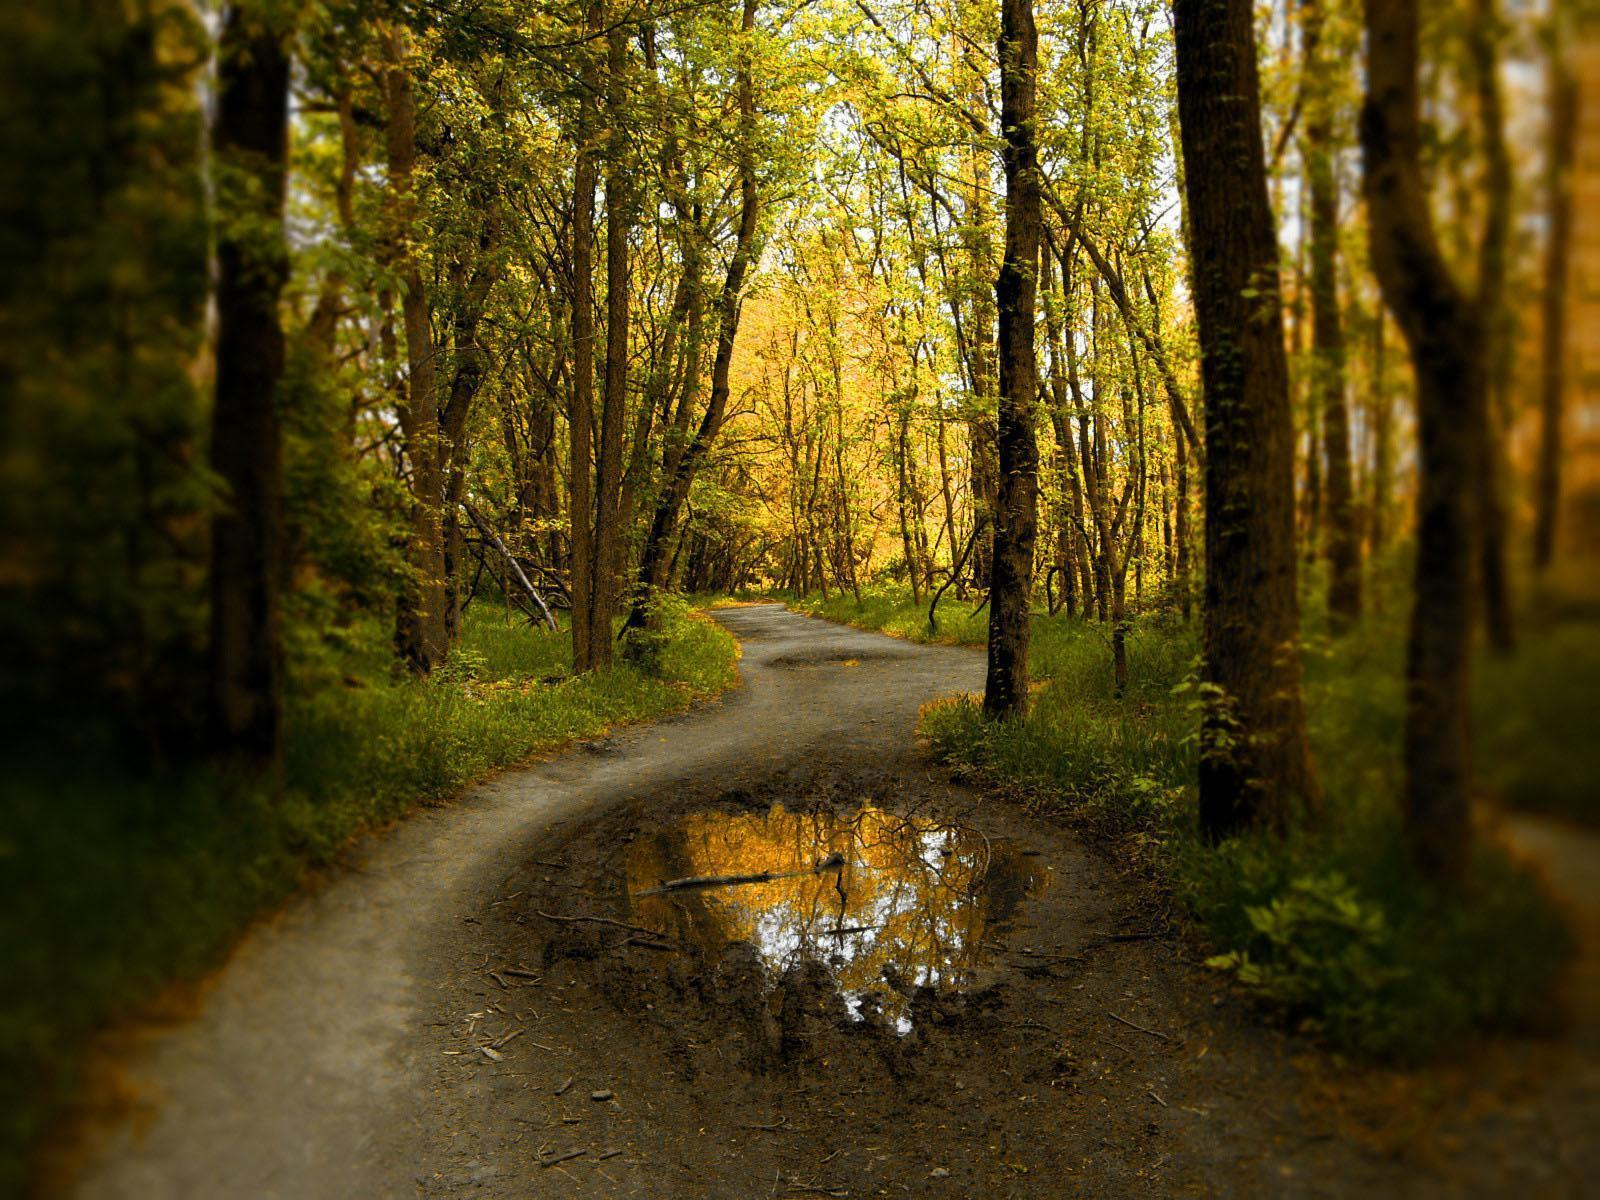 http://1.bp.blogspot.com/-2aidQg5WUzQ/TkNNZ9zqKpI/AAAAAAAALBc/BlCQdhTluX8/s1600/forest_blogdowallpaper.jpg